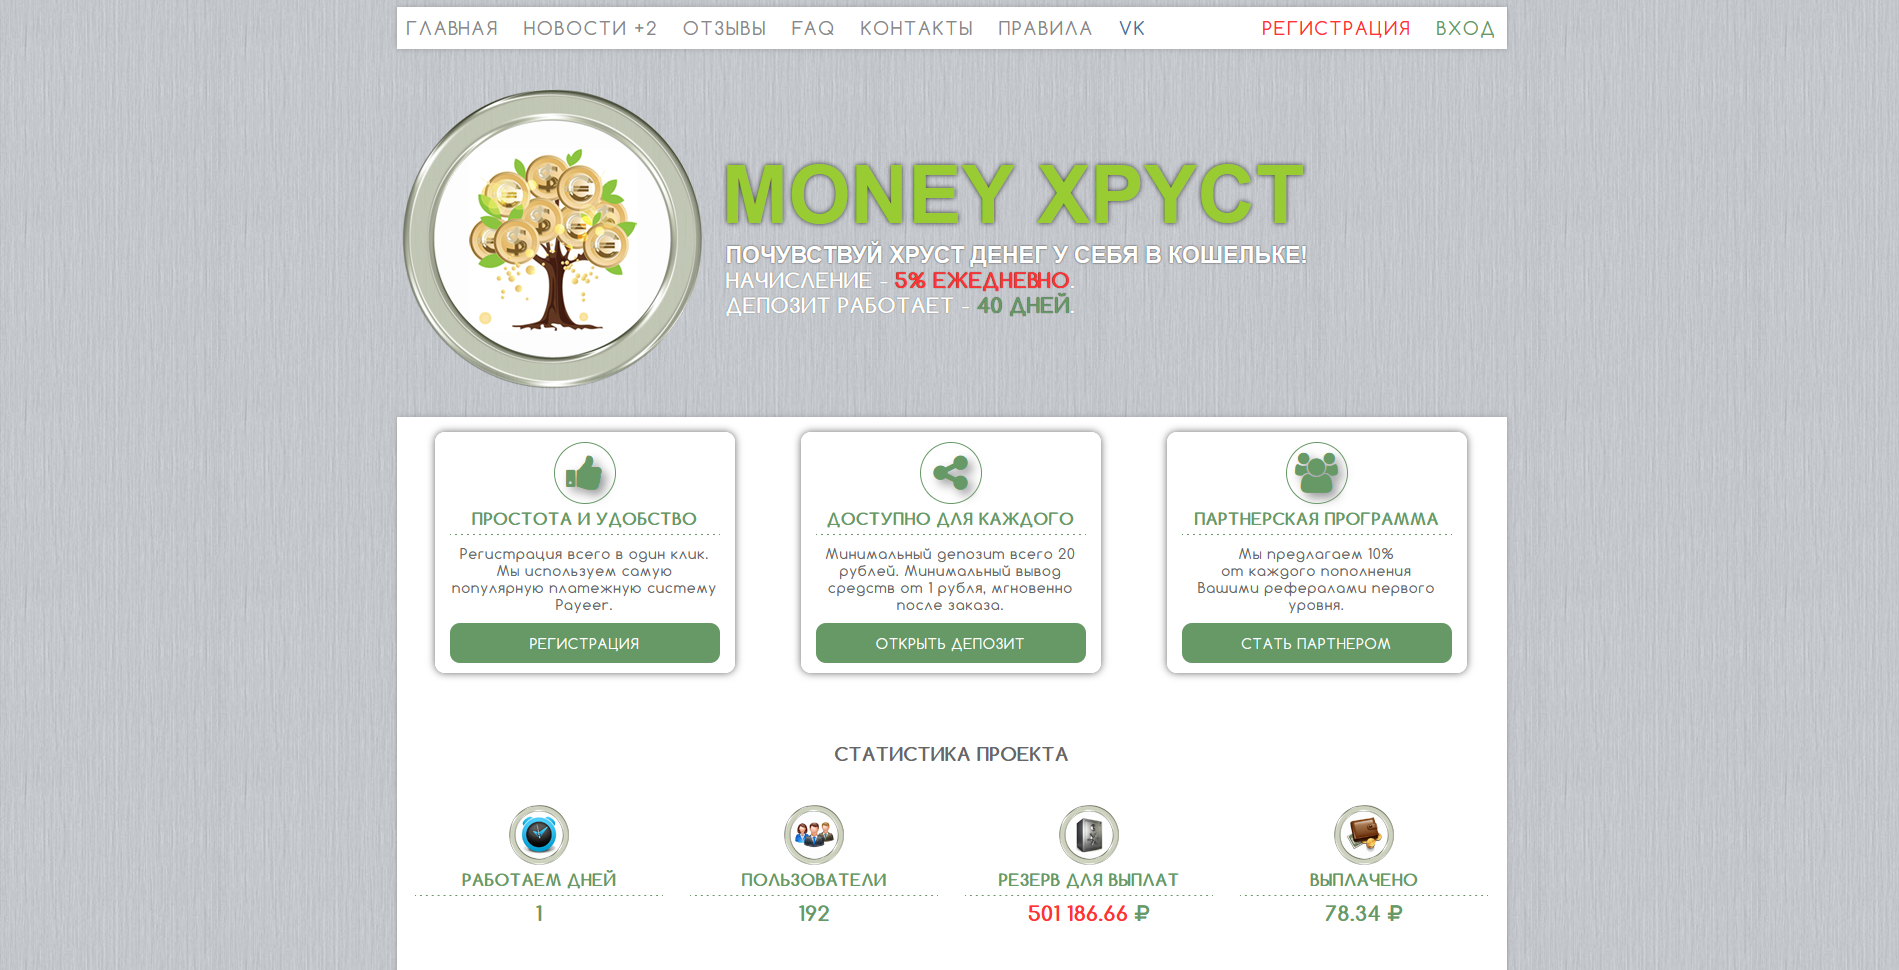 MONEY XPYCT